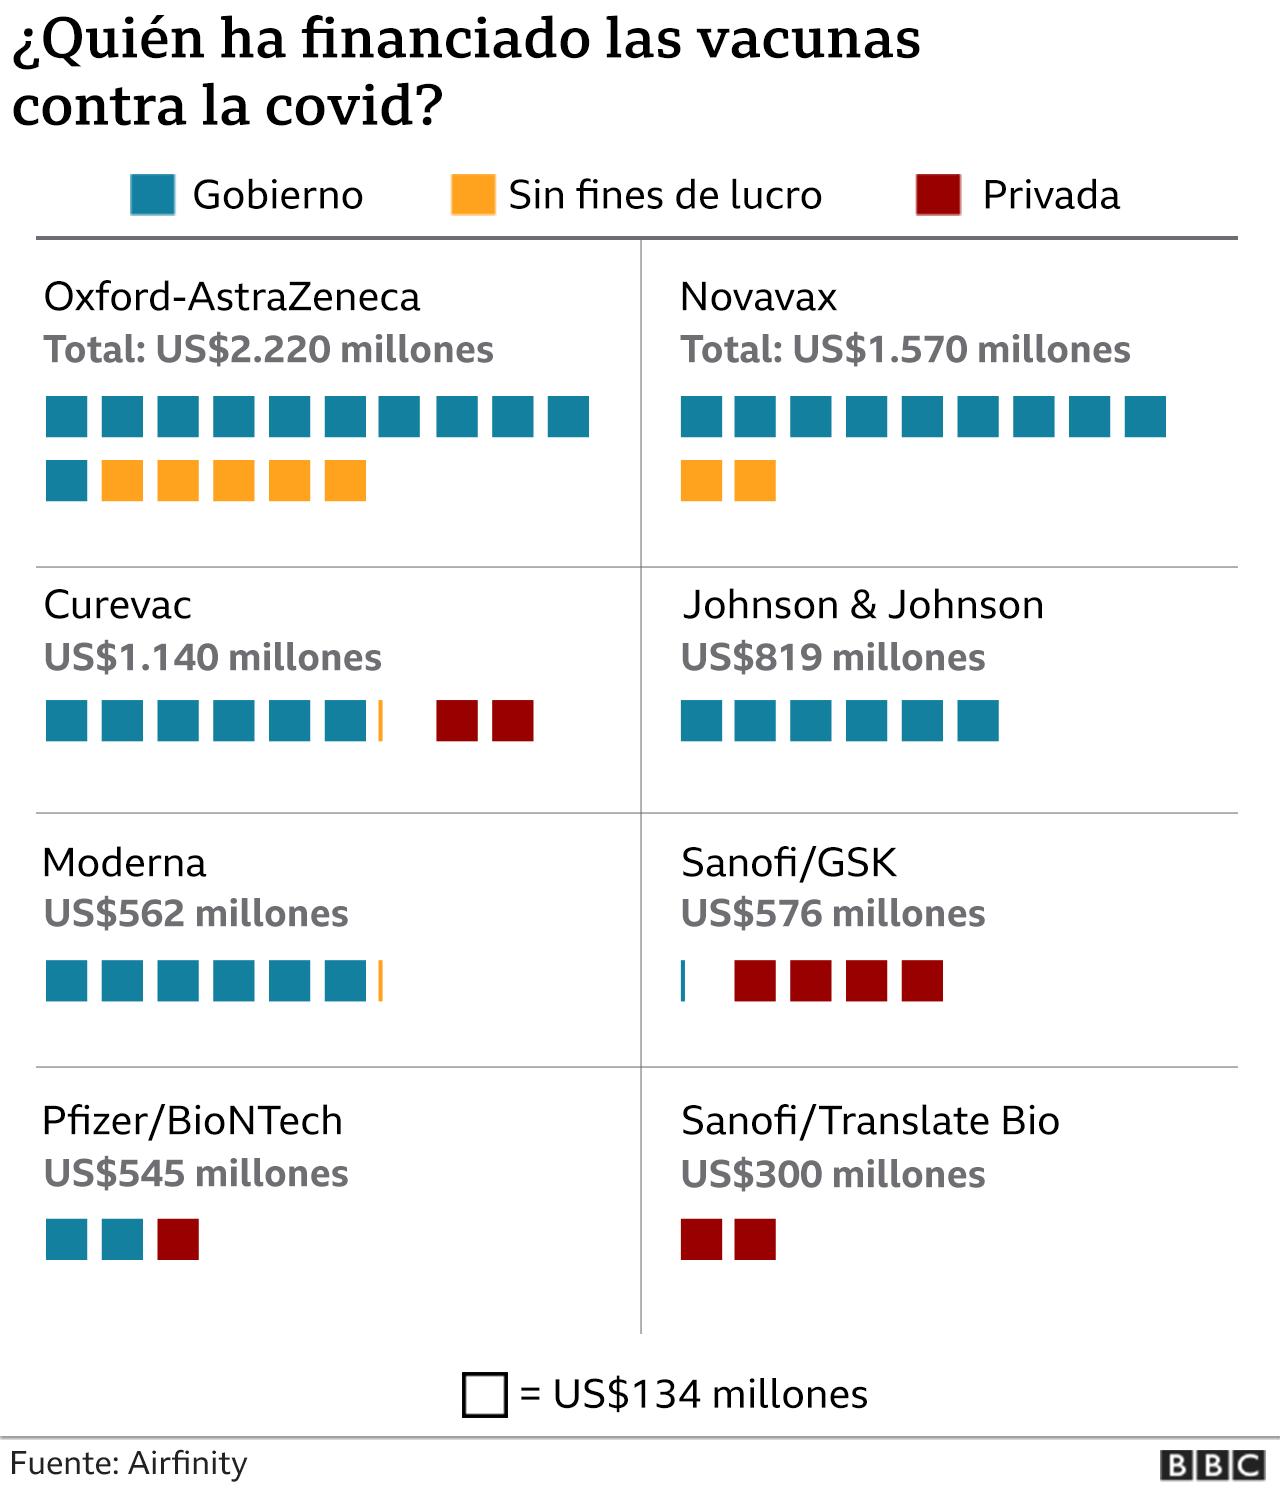 ¿Quién financia las vacunas?